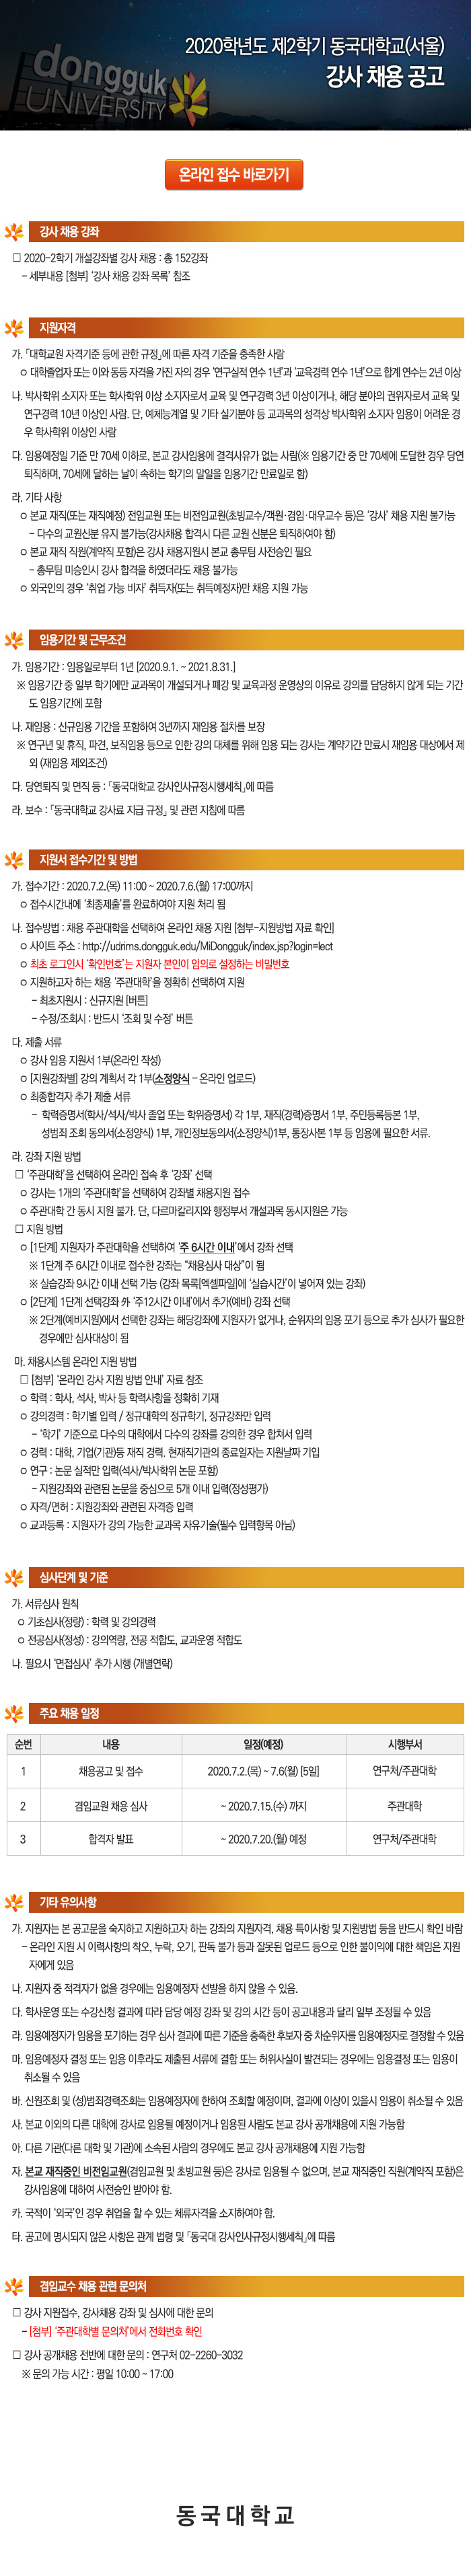 2020학년도 제2학기 서울캠퍼스 강사 공개 채용